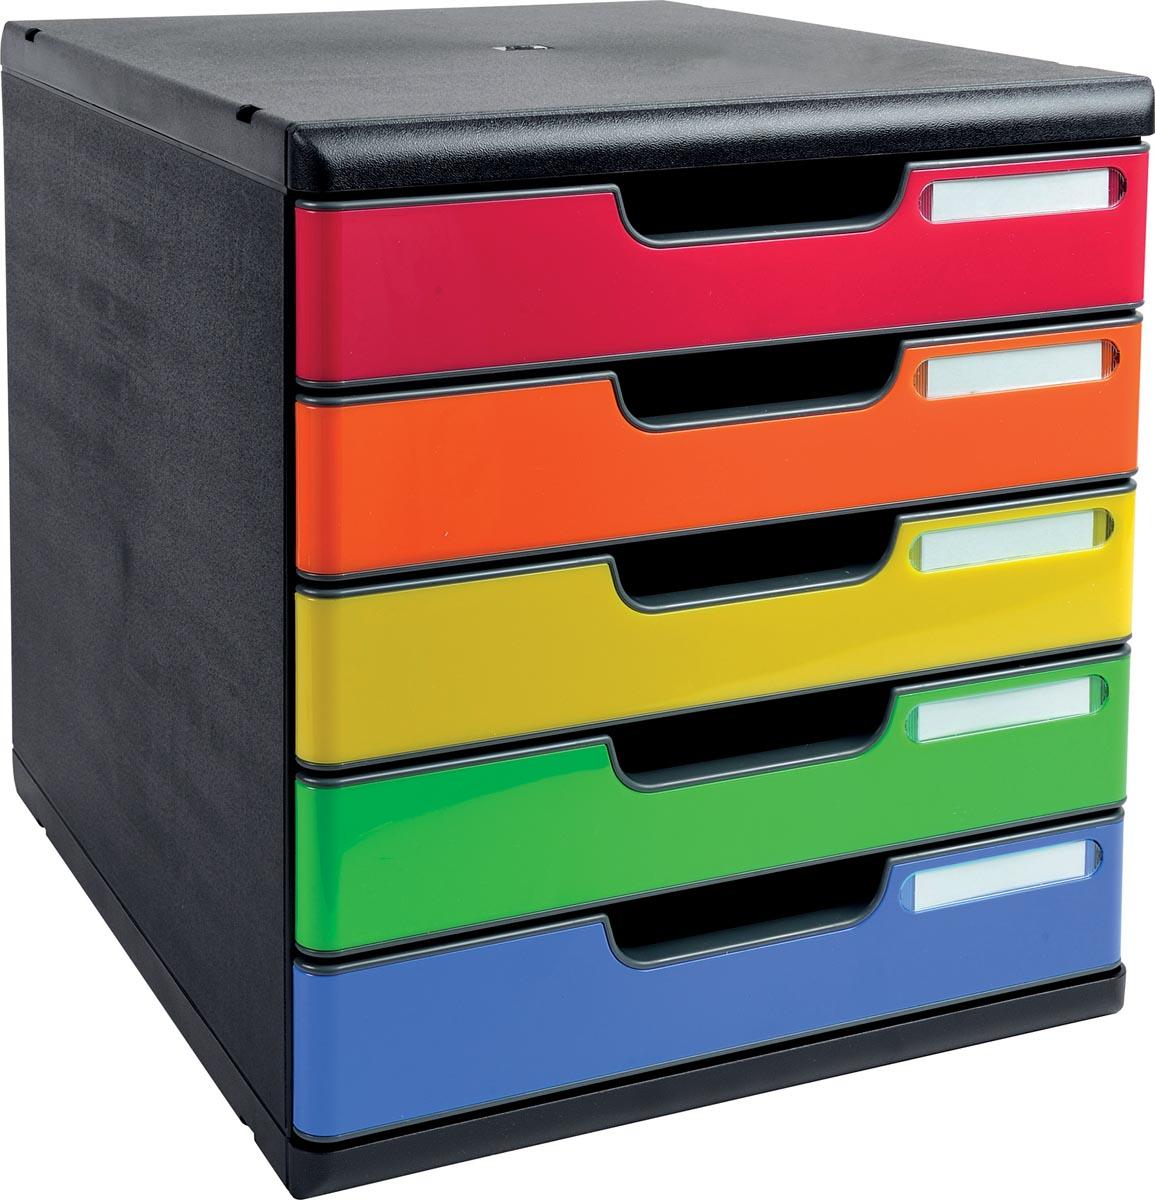 Exacompta Modulo ladenblok A4 met 5 gesloten laden Iderama, zwart/harlekijn glossy